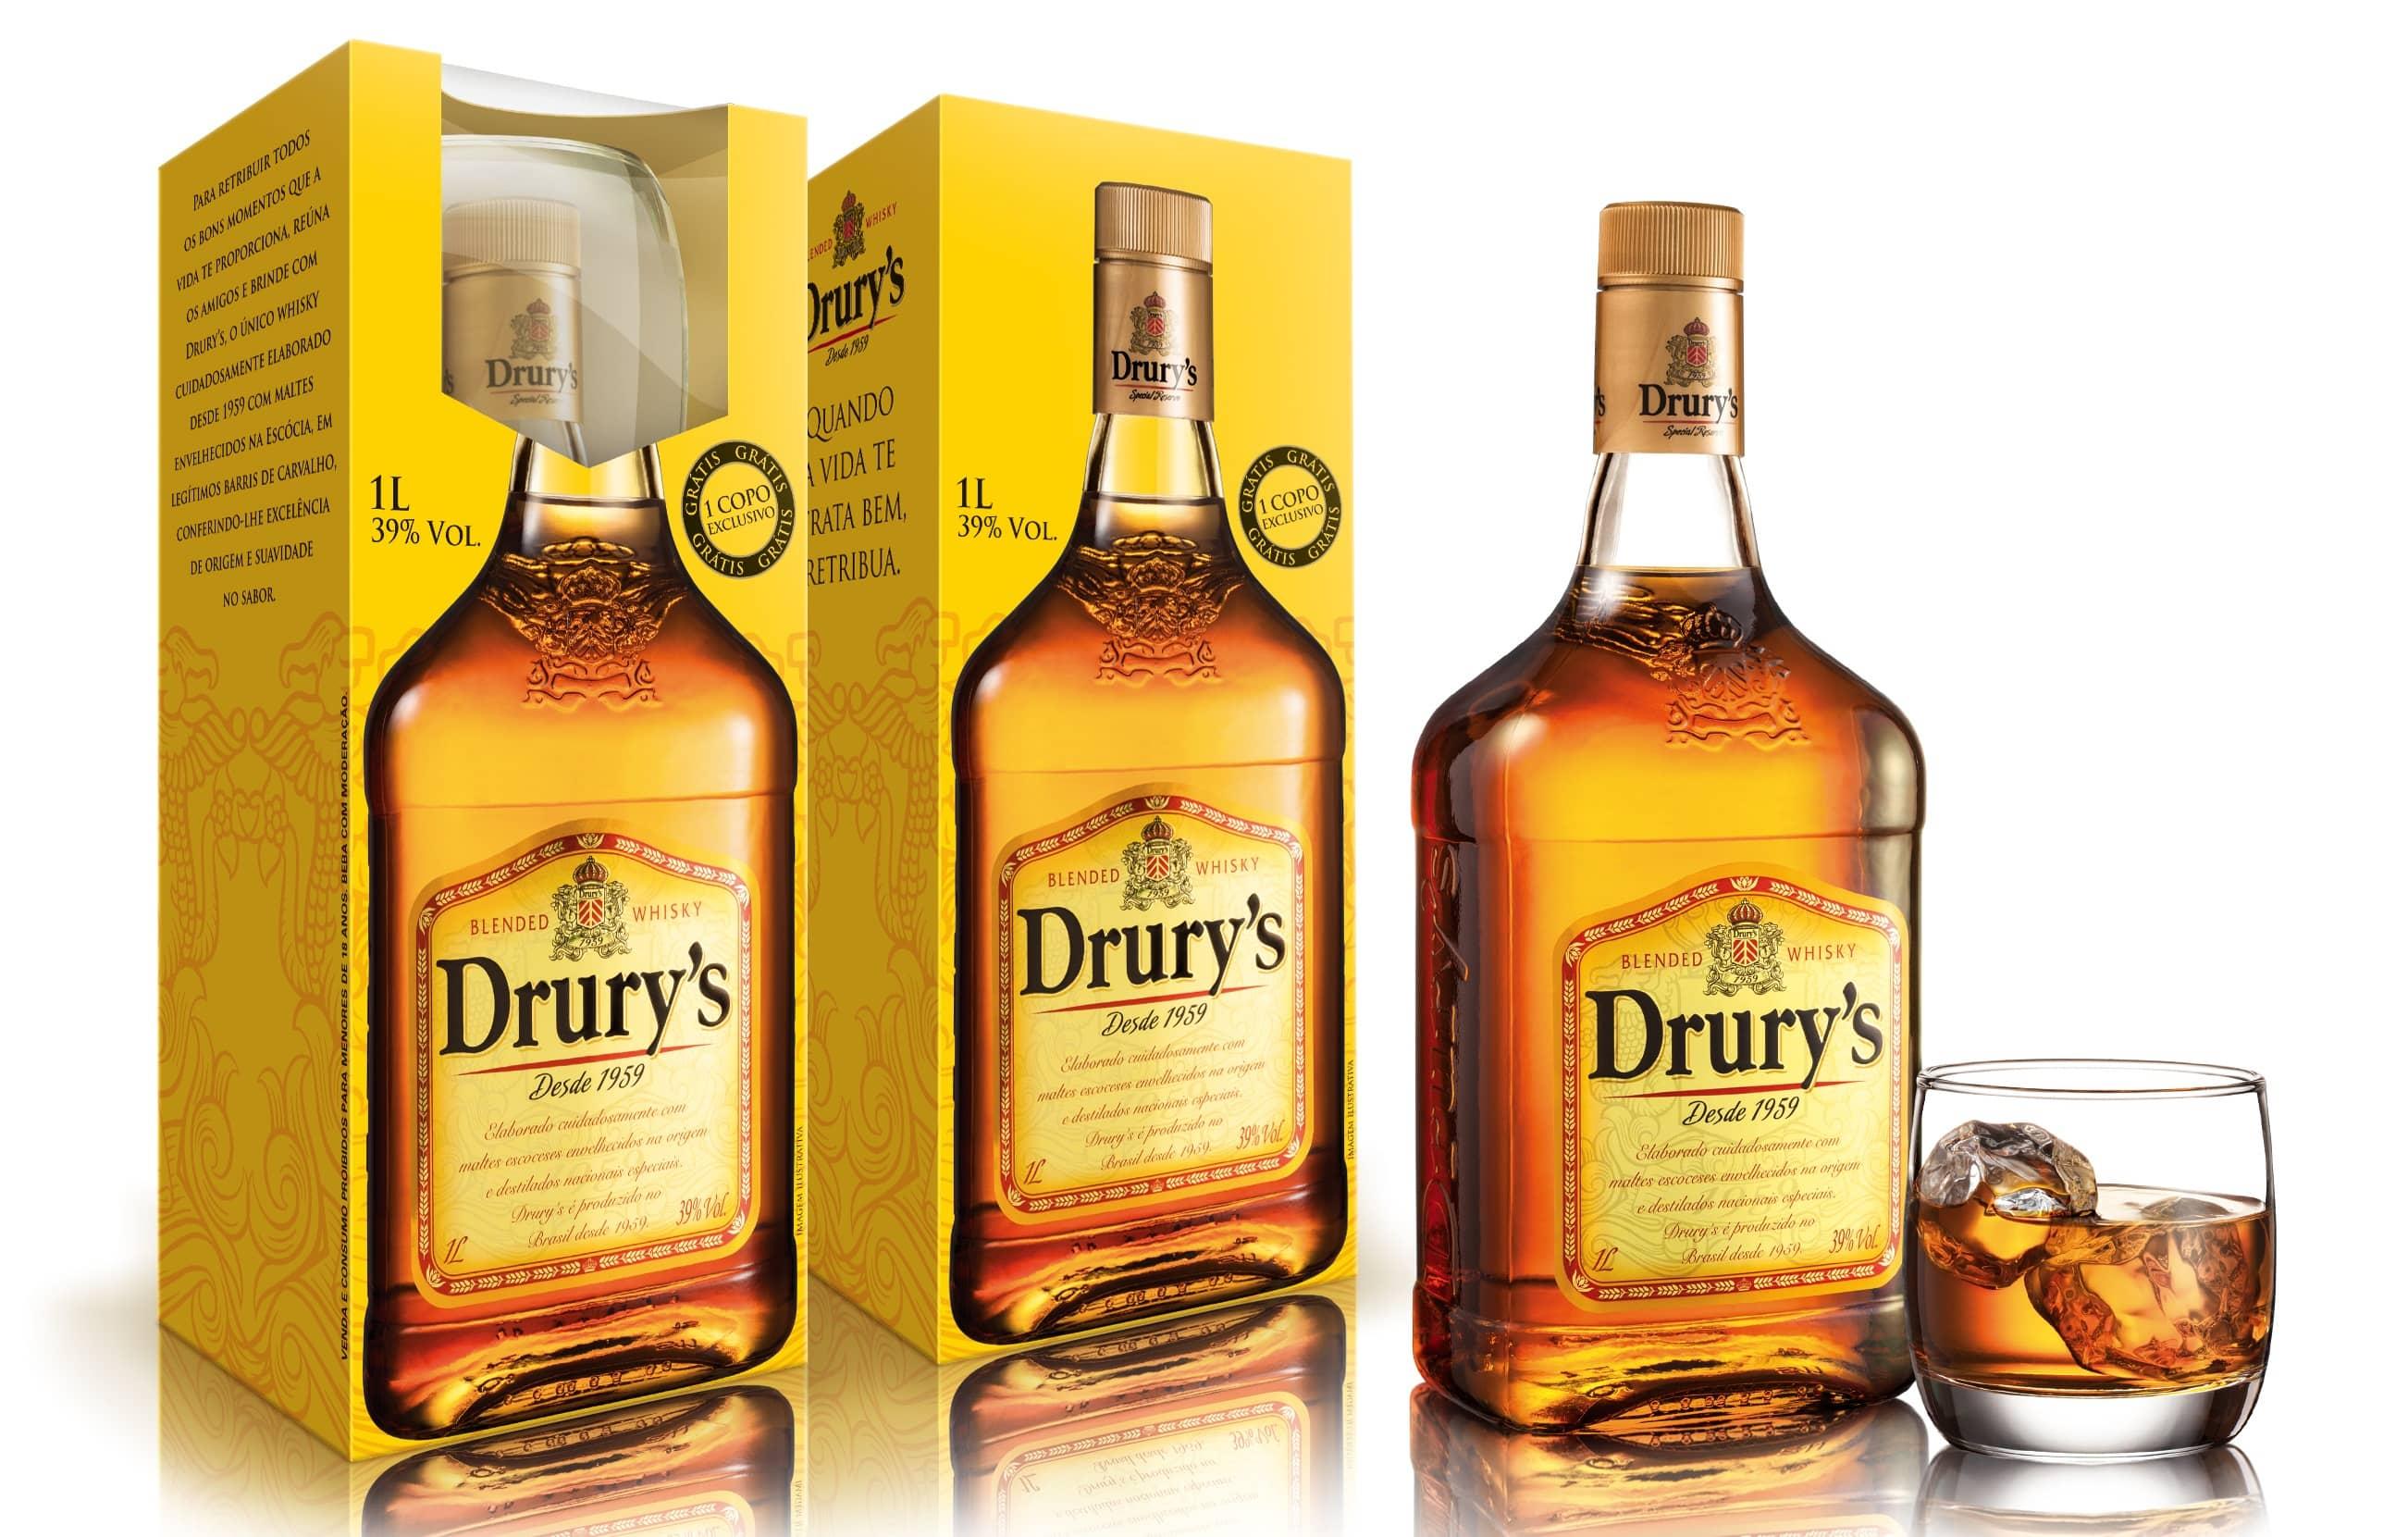 Drurys